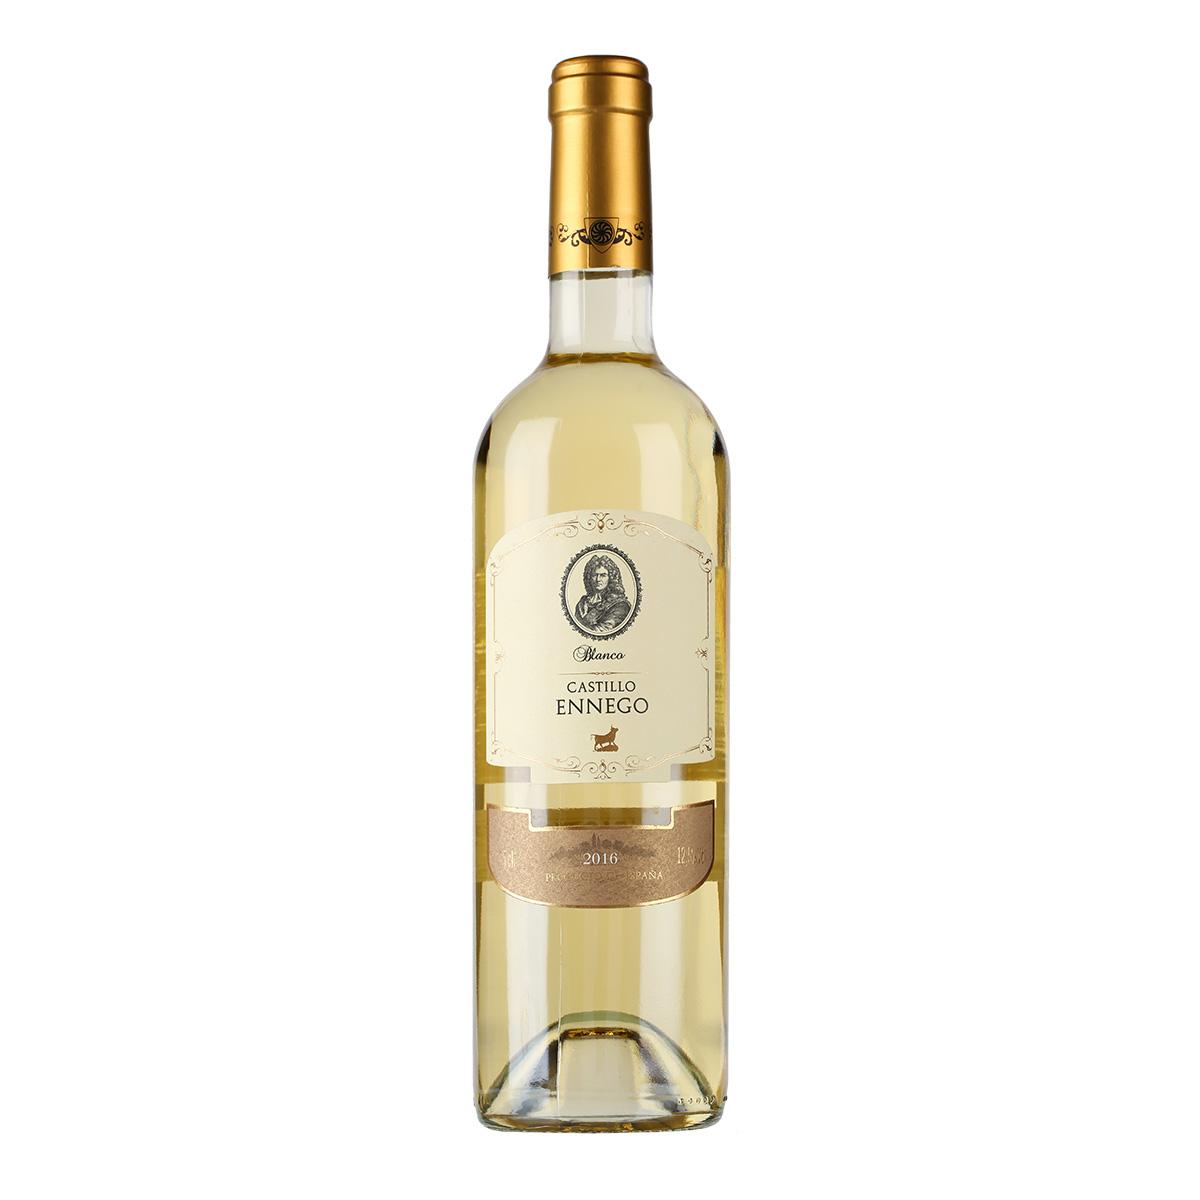 西班牙纳瓦拉安格蓉纳瓦拉酒庄卡斯蒂罗安纳歌维奥娜干白葡萄酒(广州永信酒业 )